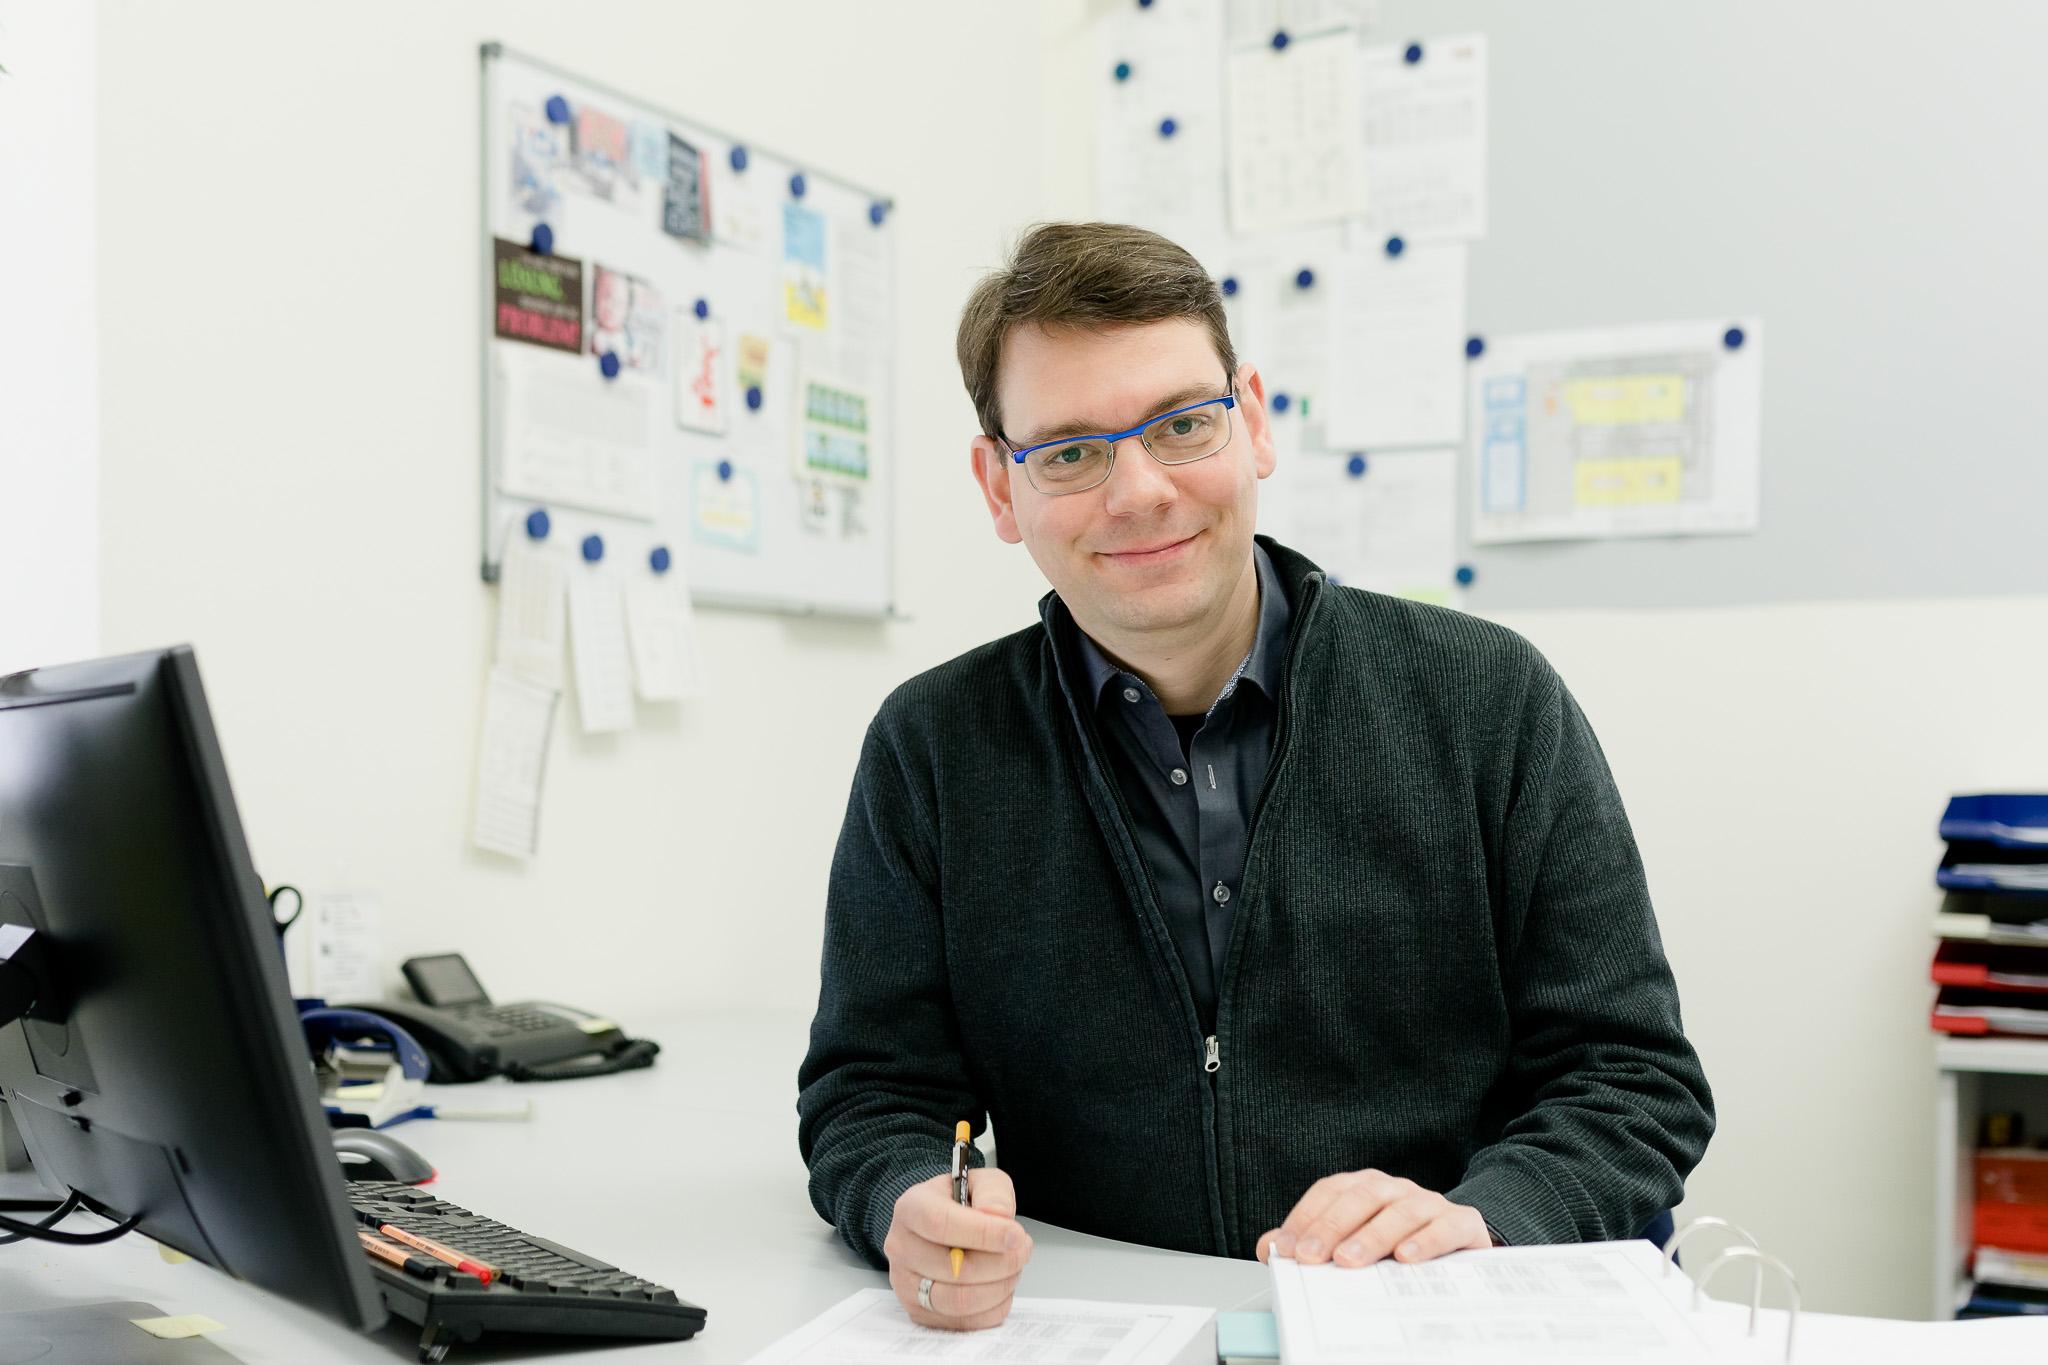 Dipl.-Ing. Philipp Schönekäs